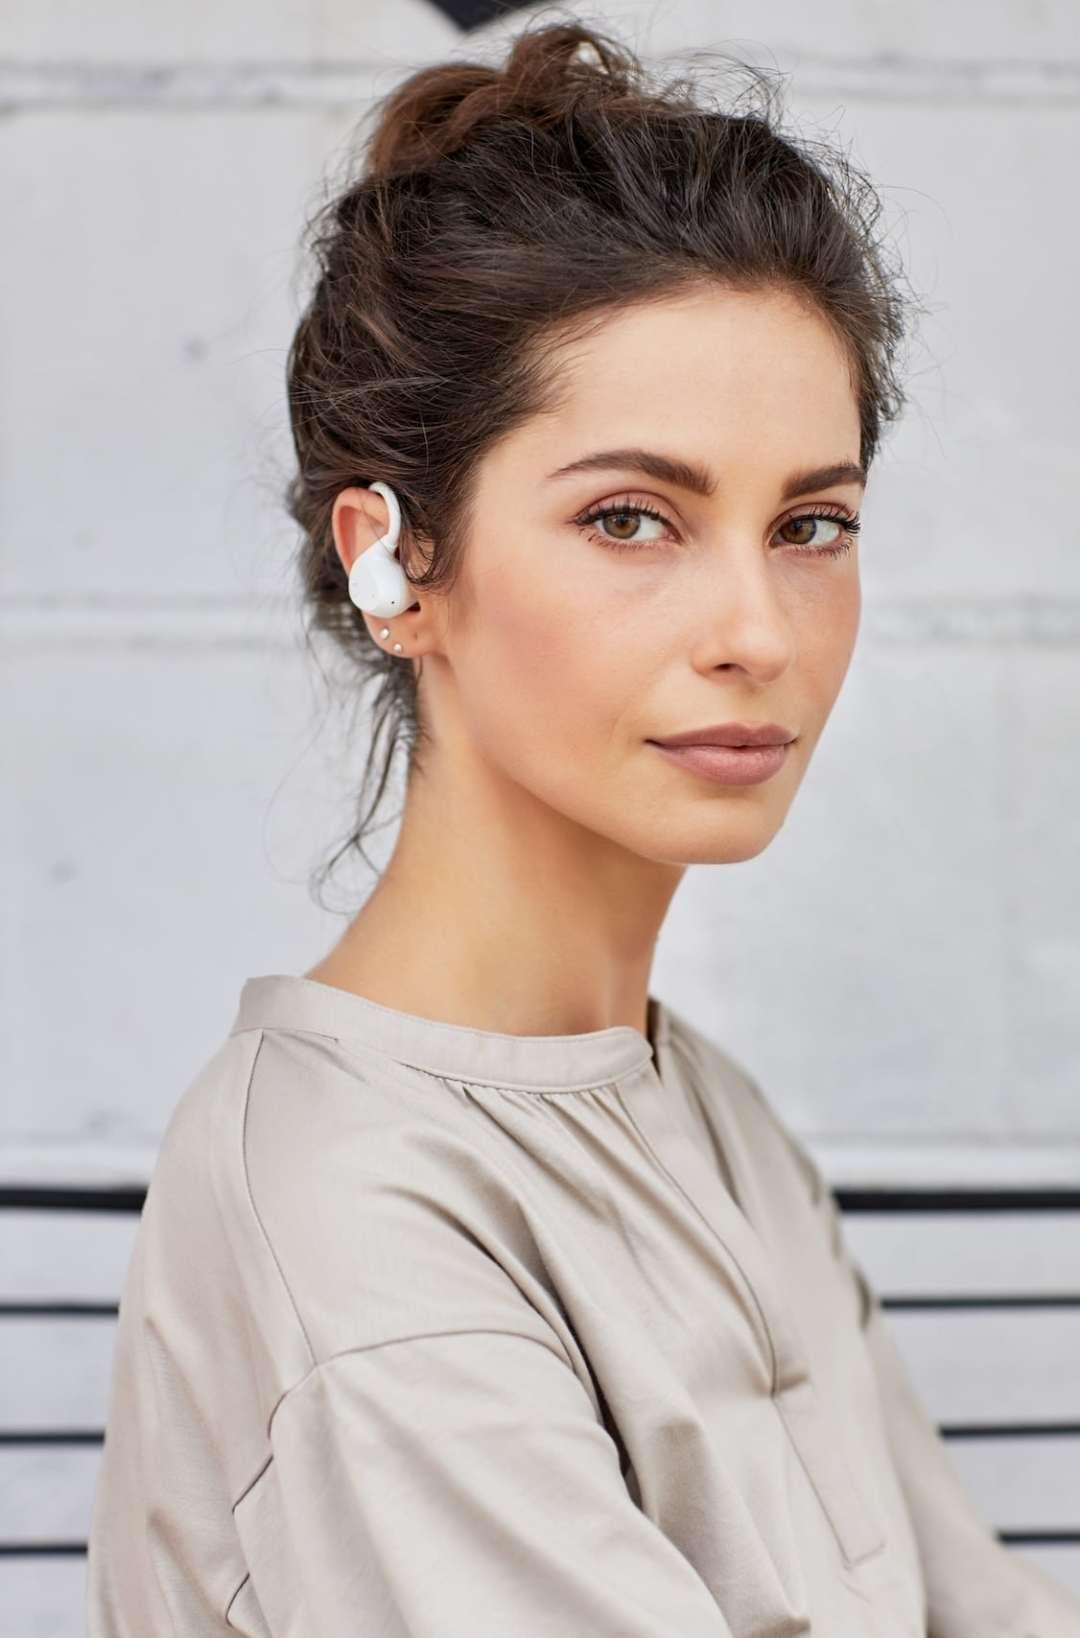 EOZ Air Wireless Bluetooth earphones